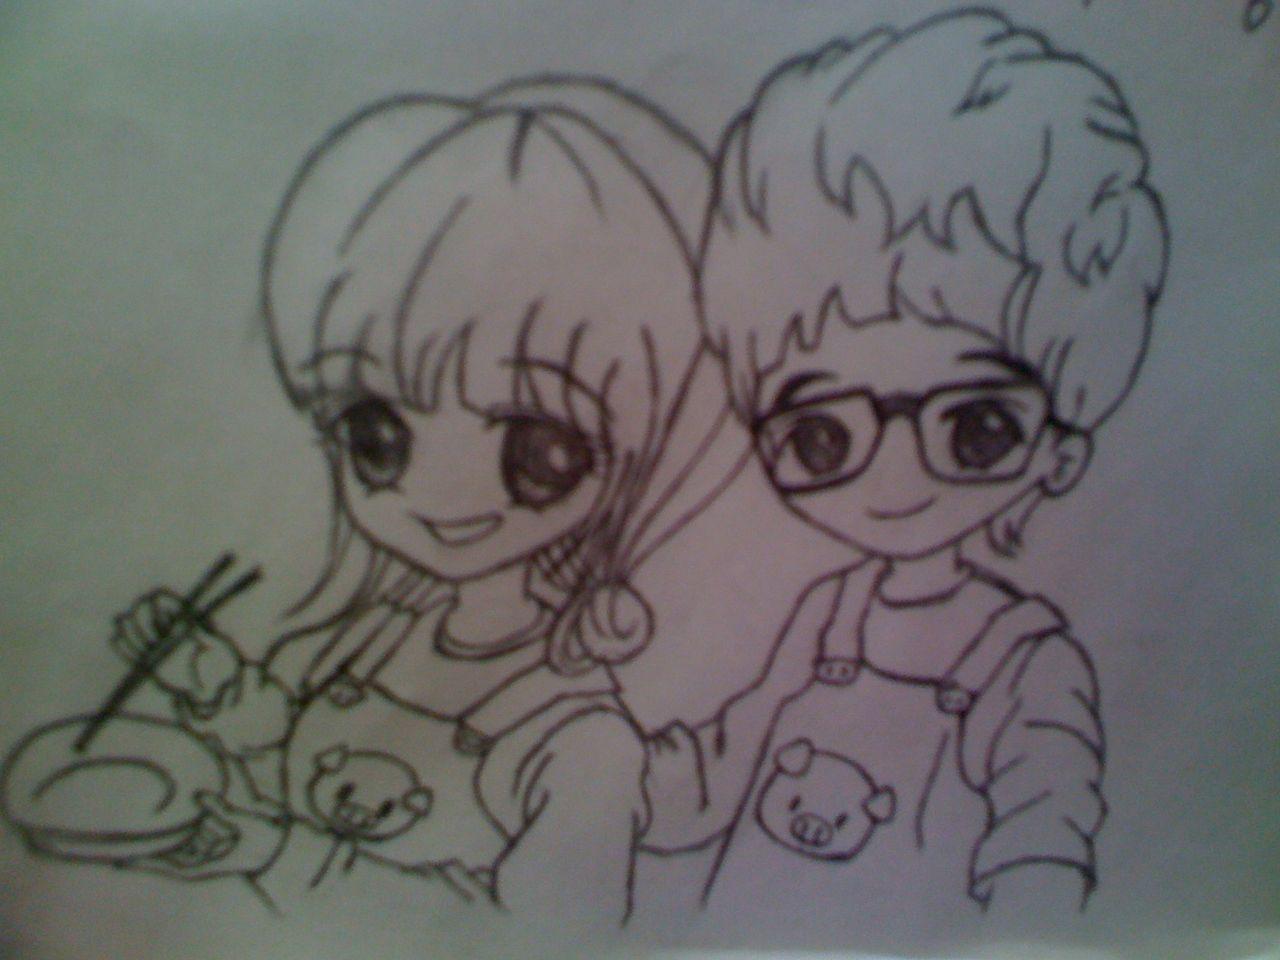 维尼夫妇 110401 漫画 仿照青春的漫画